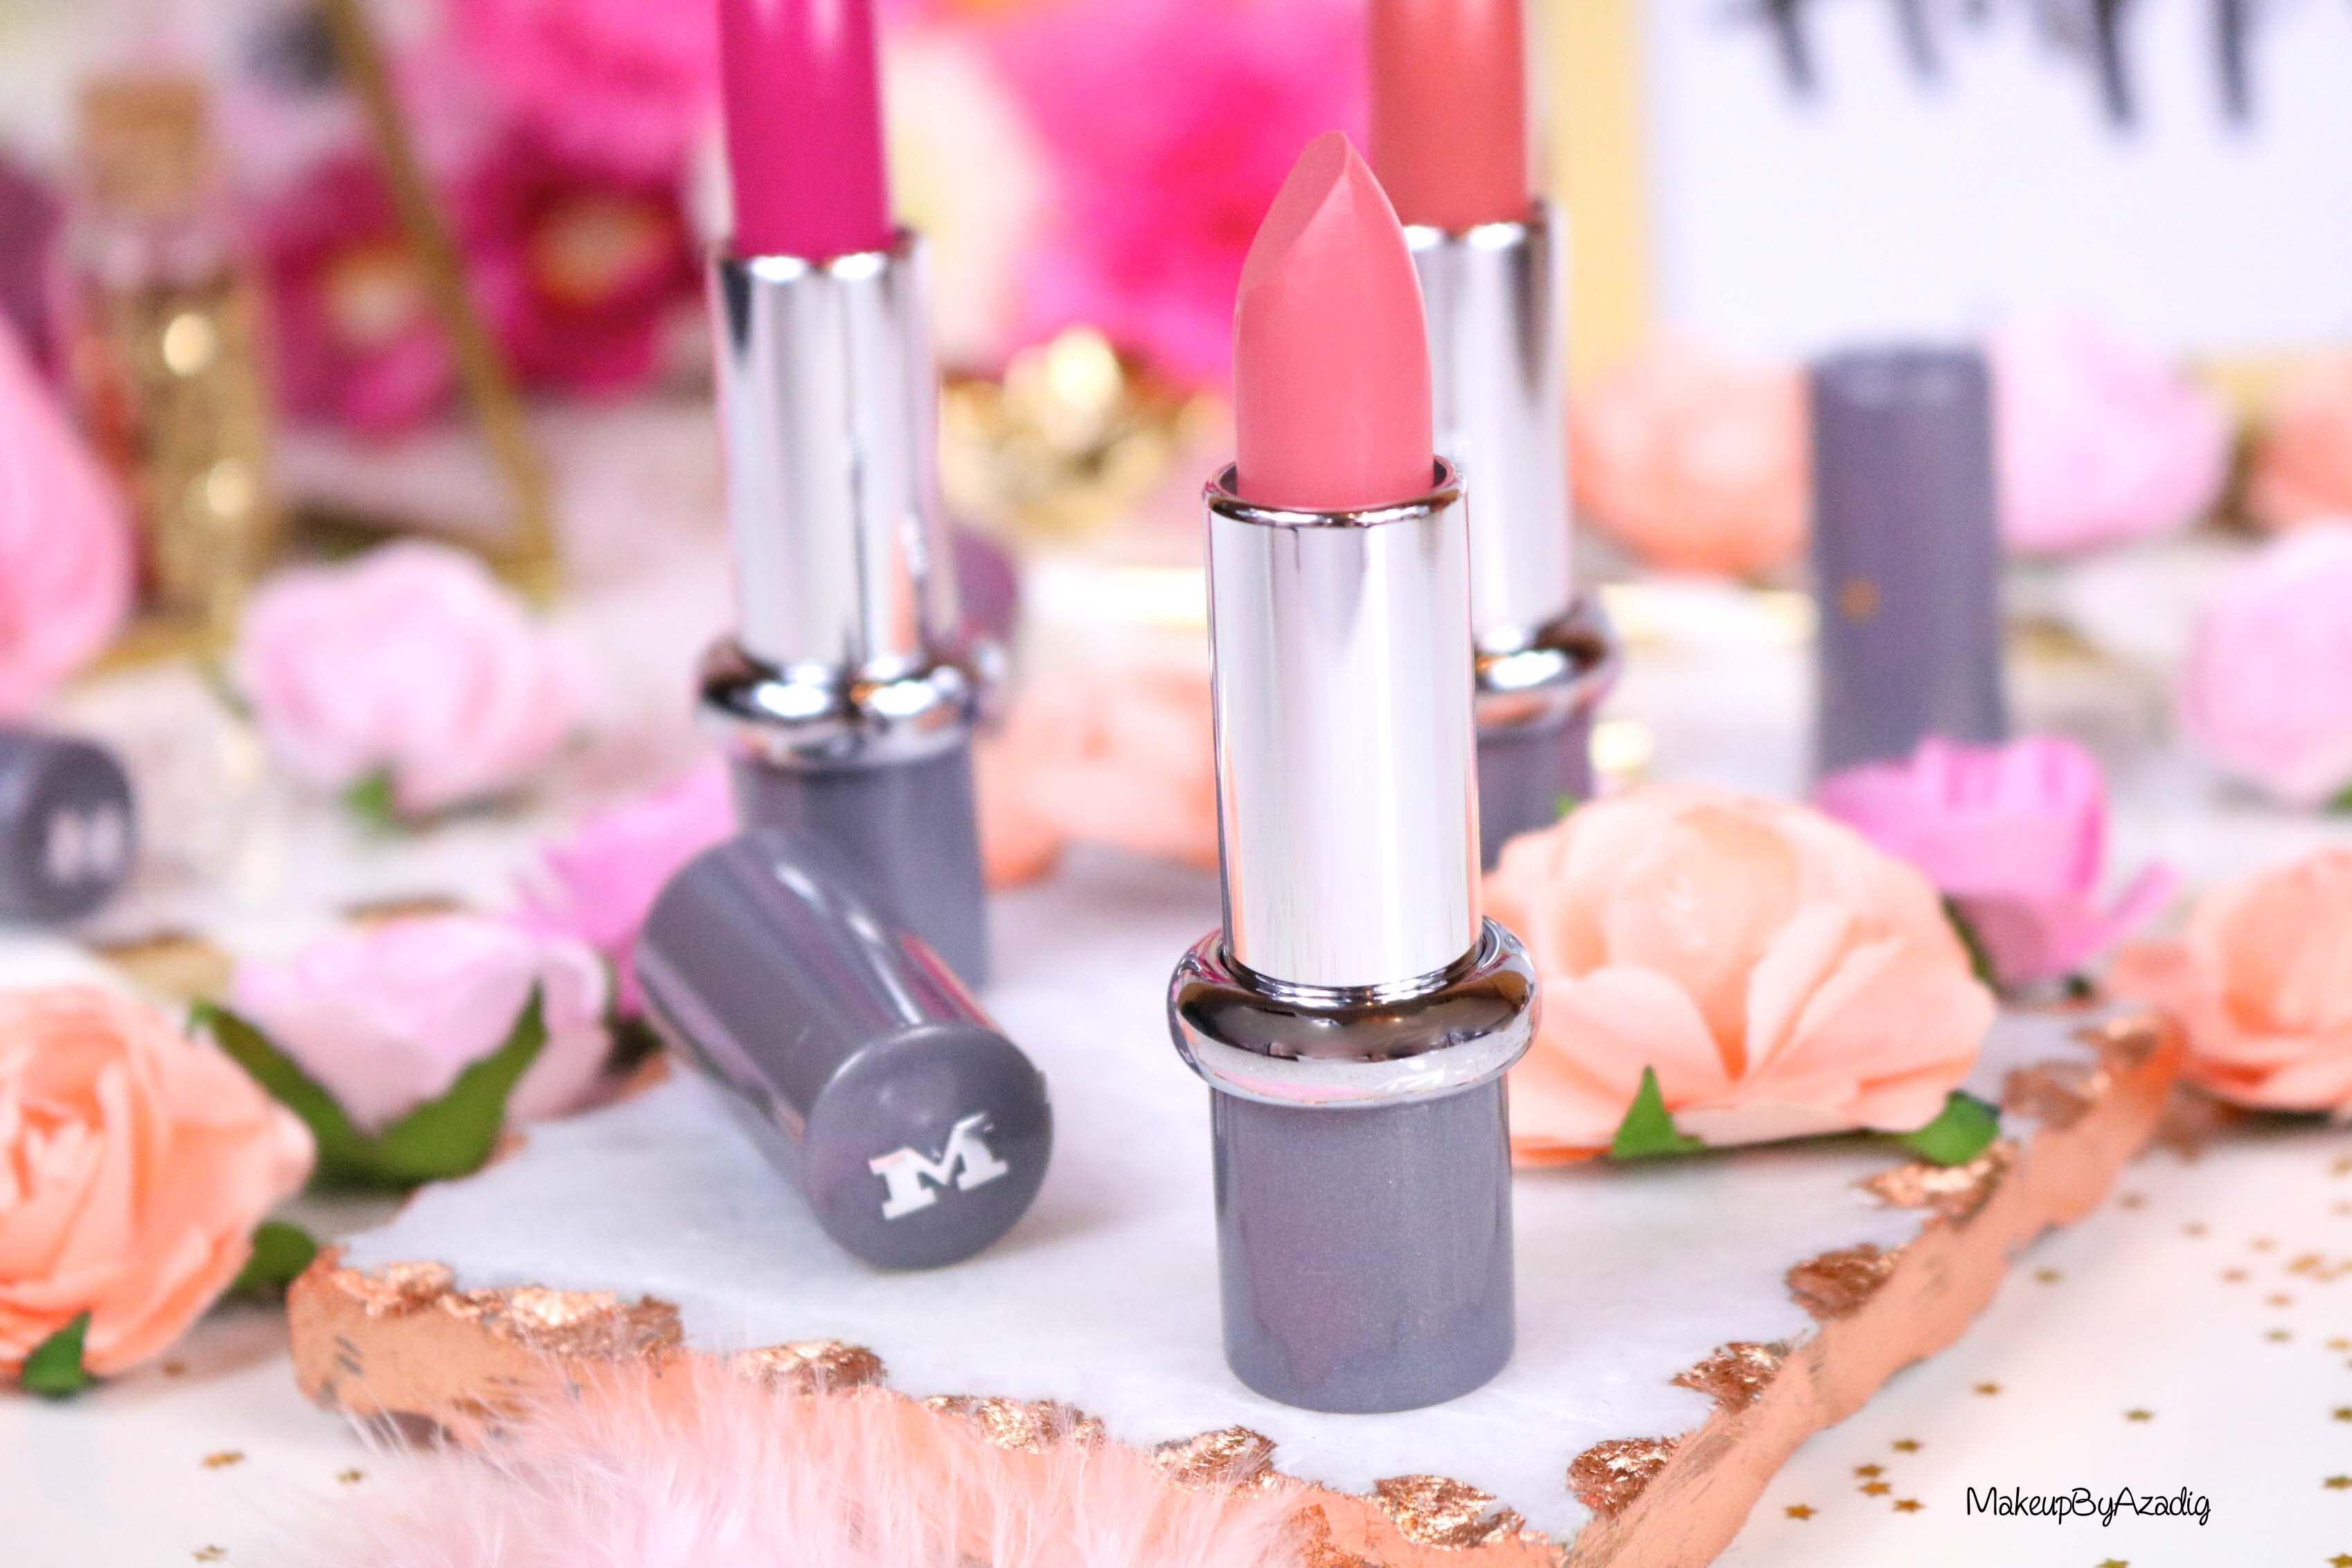 revue-rouge-levres-mavala-soin-monoprix-collection-printemps-ete-rose-nude-violet-avis-prix-makeupbyazadig-nymphea